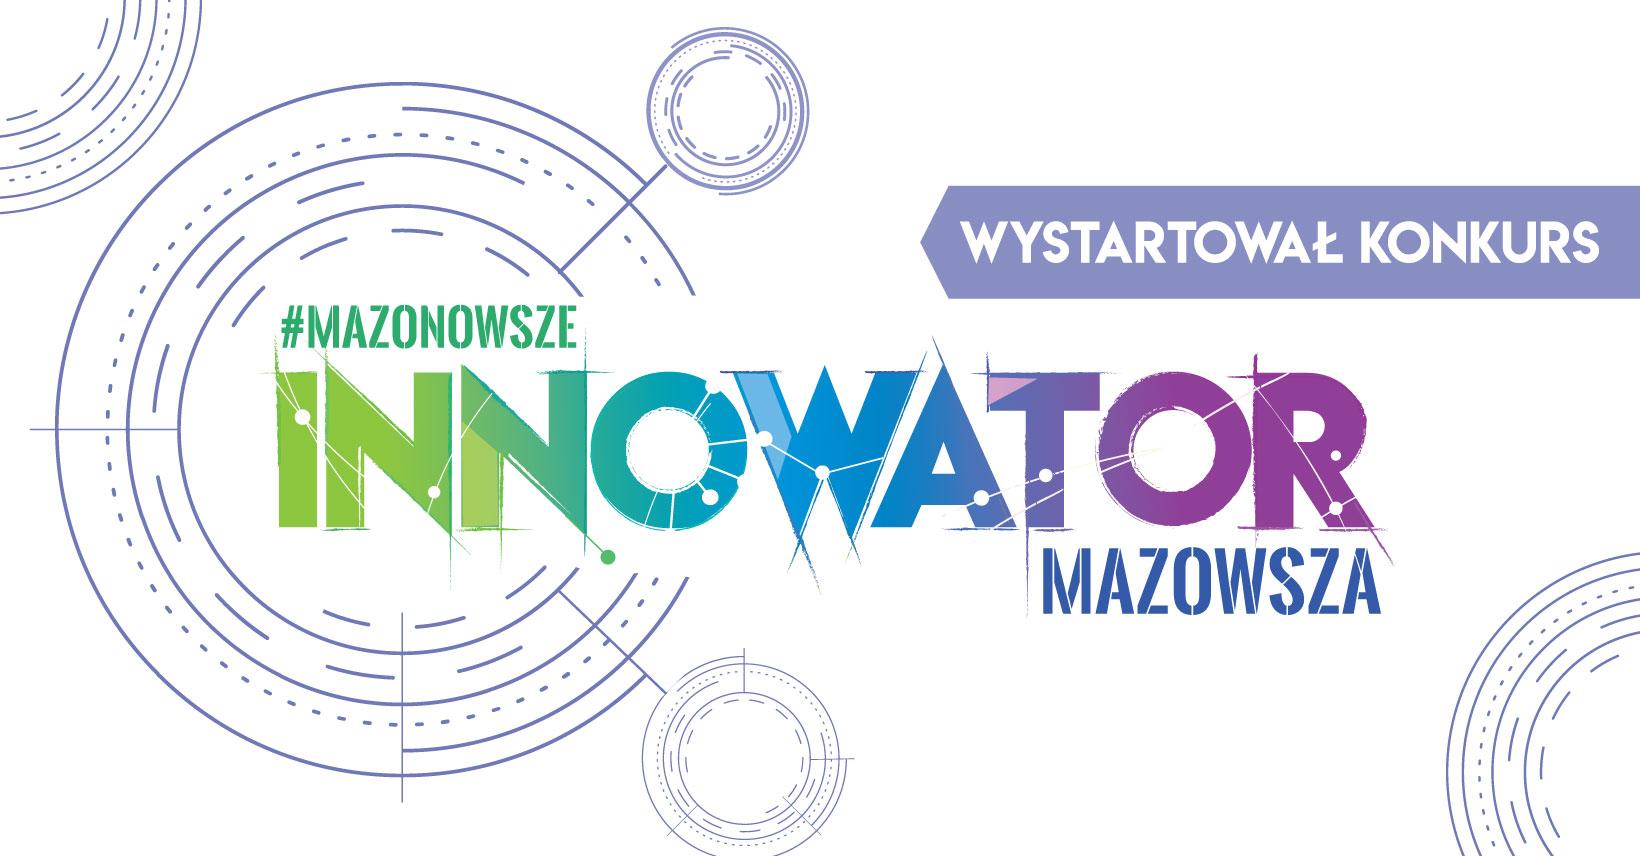 Innowator Mazowsza